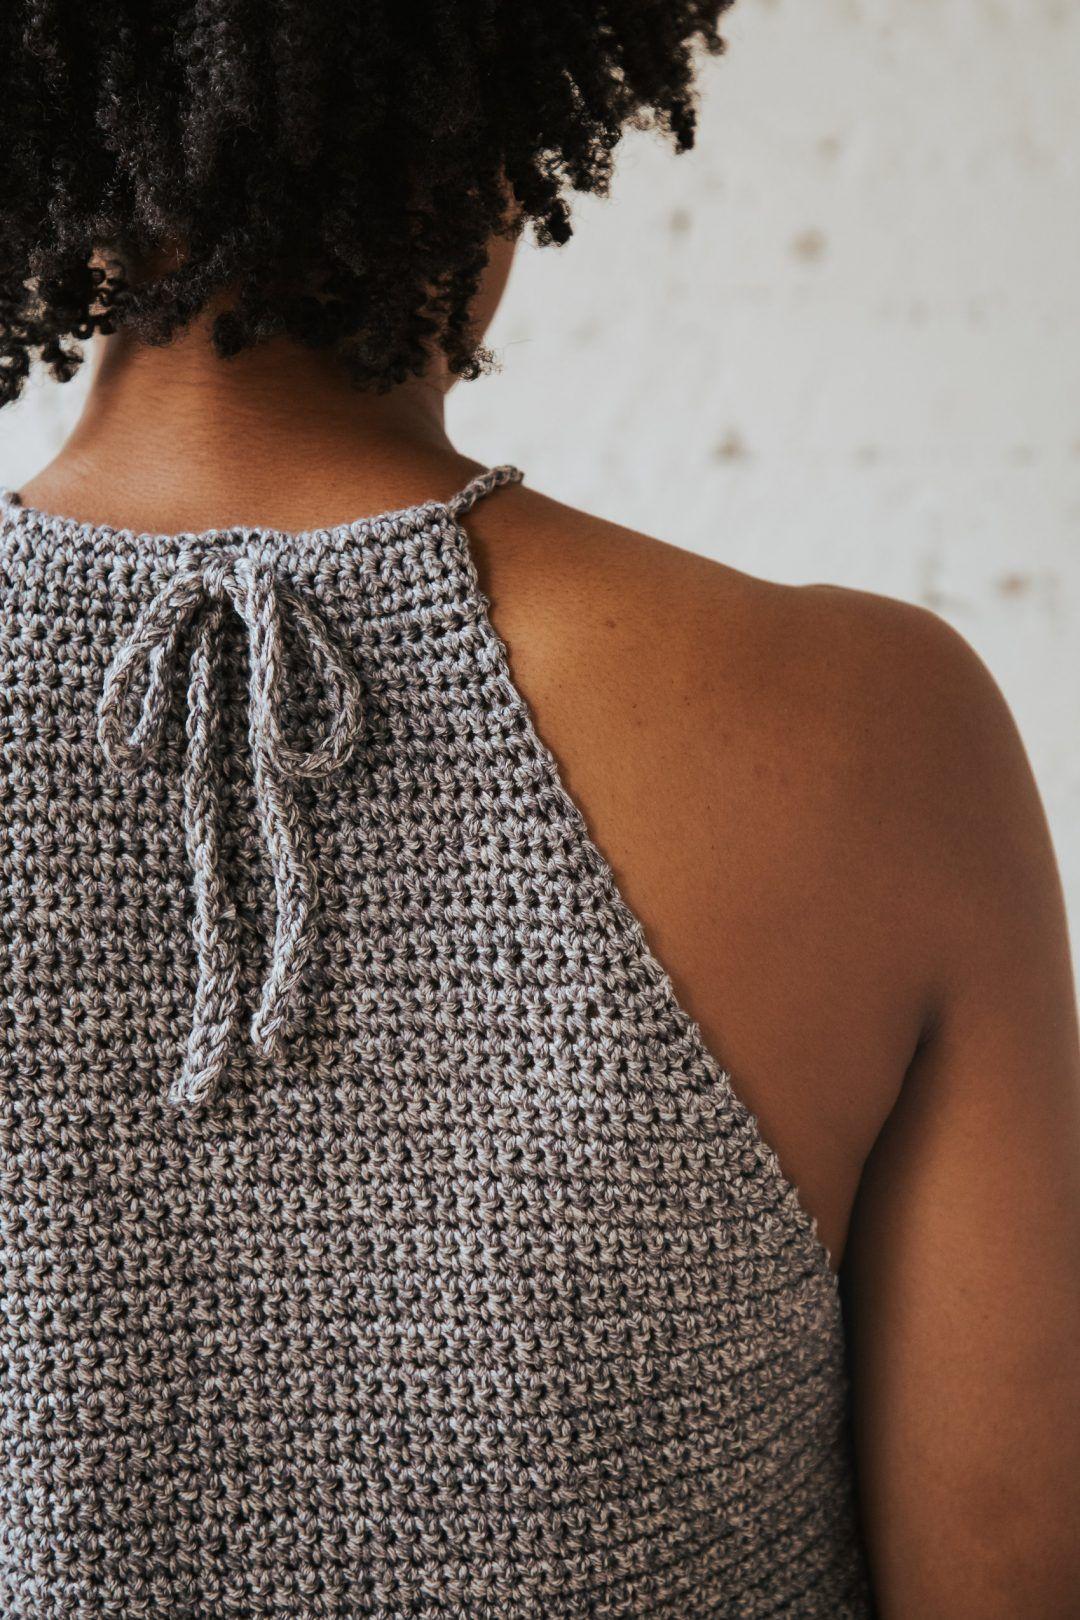 The Rebel Cami, un patrón de ganchillo de TL Yarn Crafts | Artesanías de hilo TL